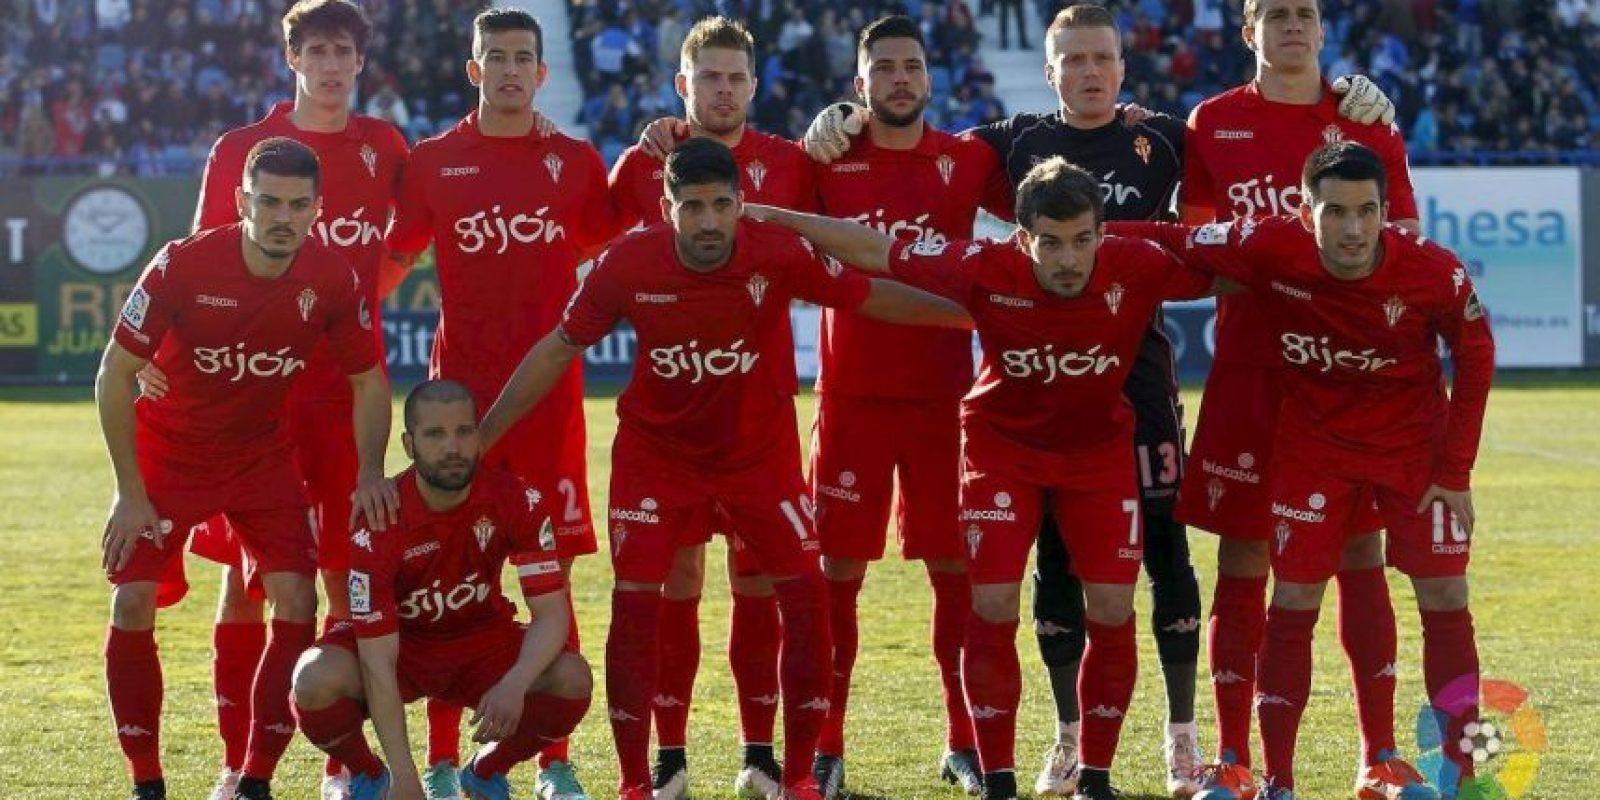 15. Sporting de Gijón / Gijón / DT Aberlardo Fernández / Estadio El Molinón. Foto:Vía facebook.com/realsportingdegijon